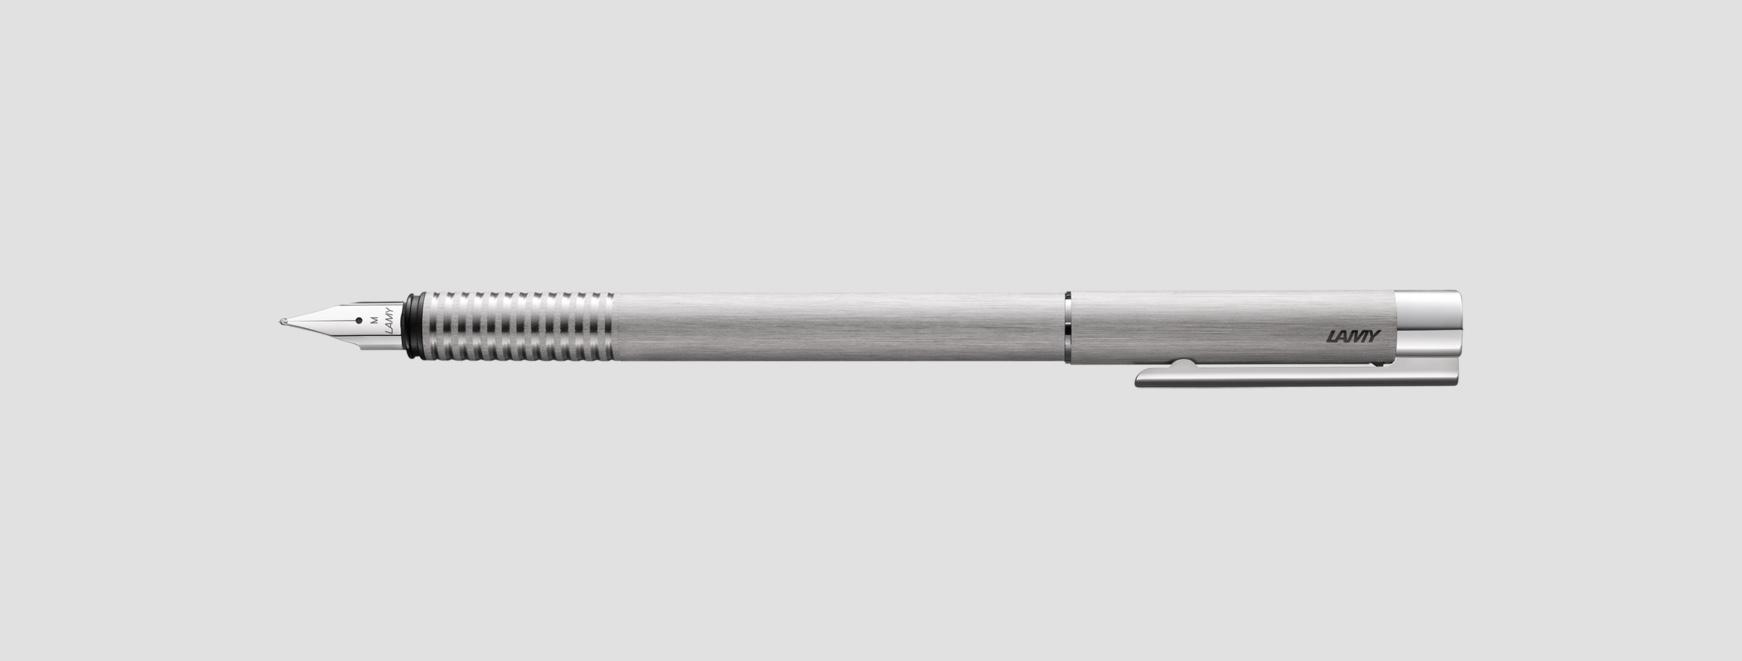 ปากกา LAMY รุ่น logo